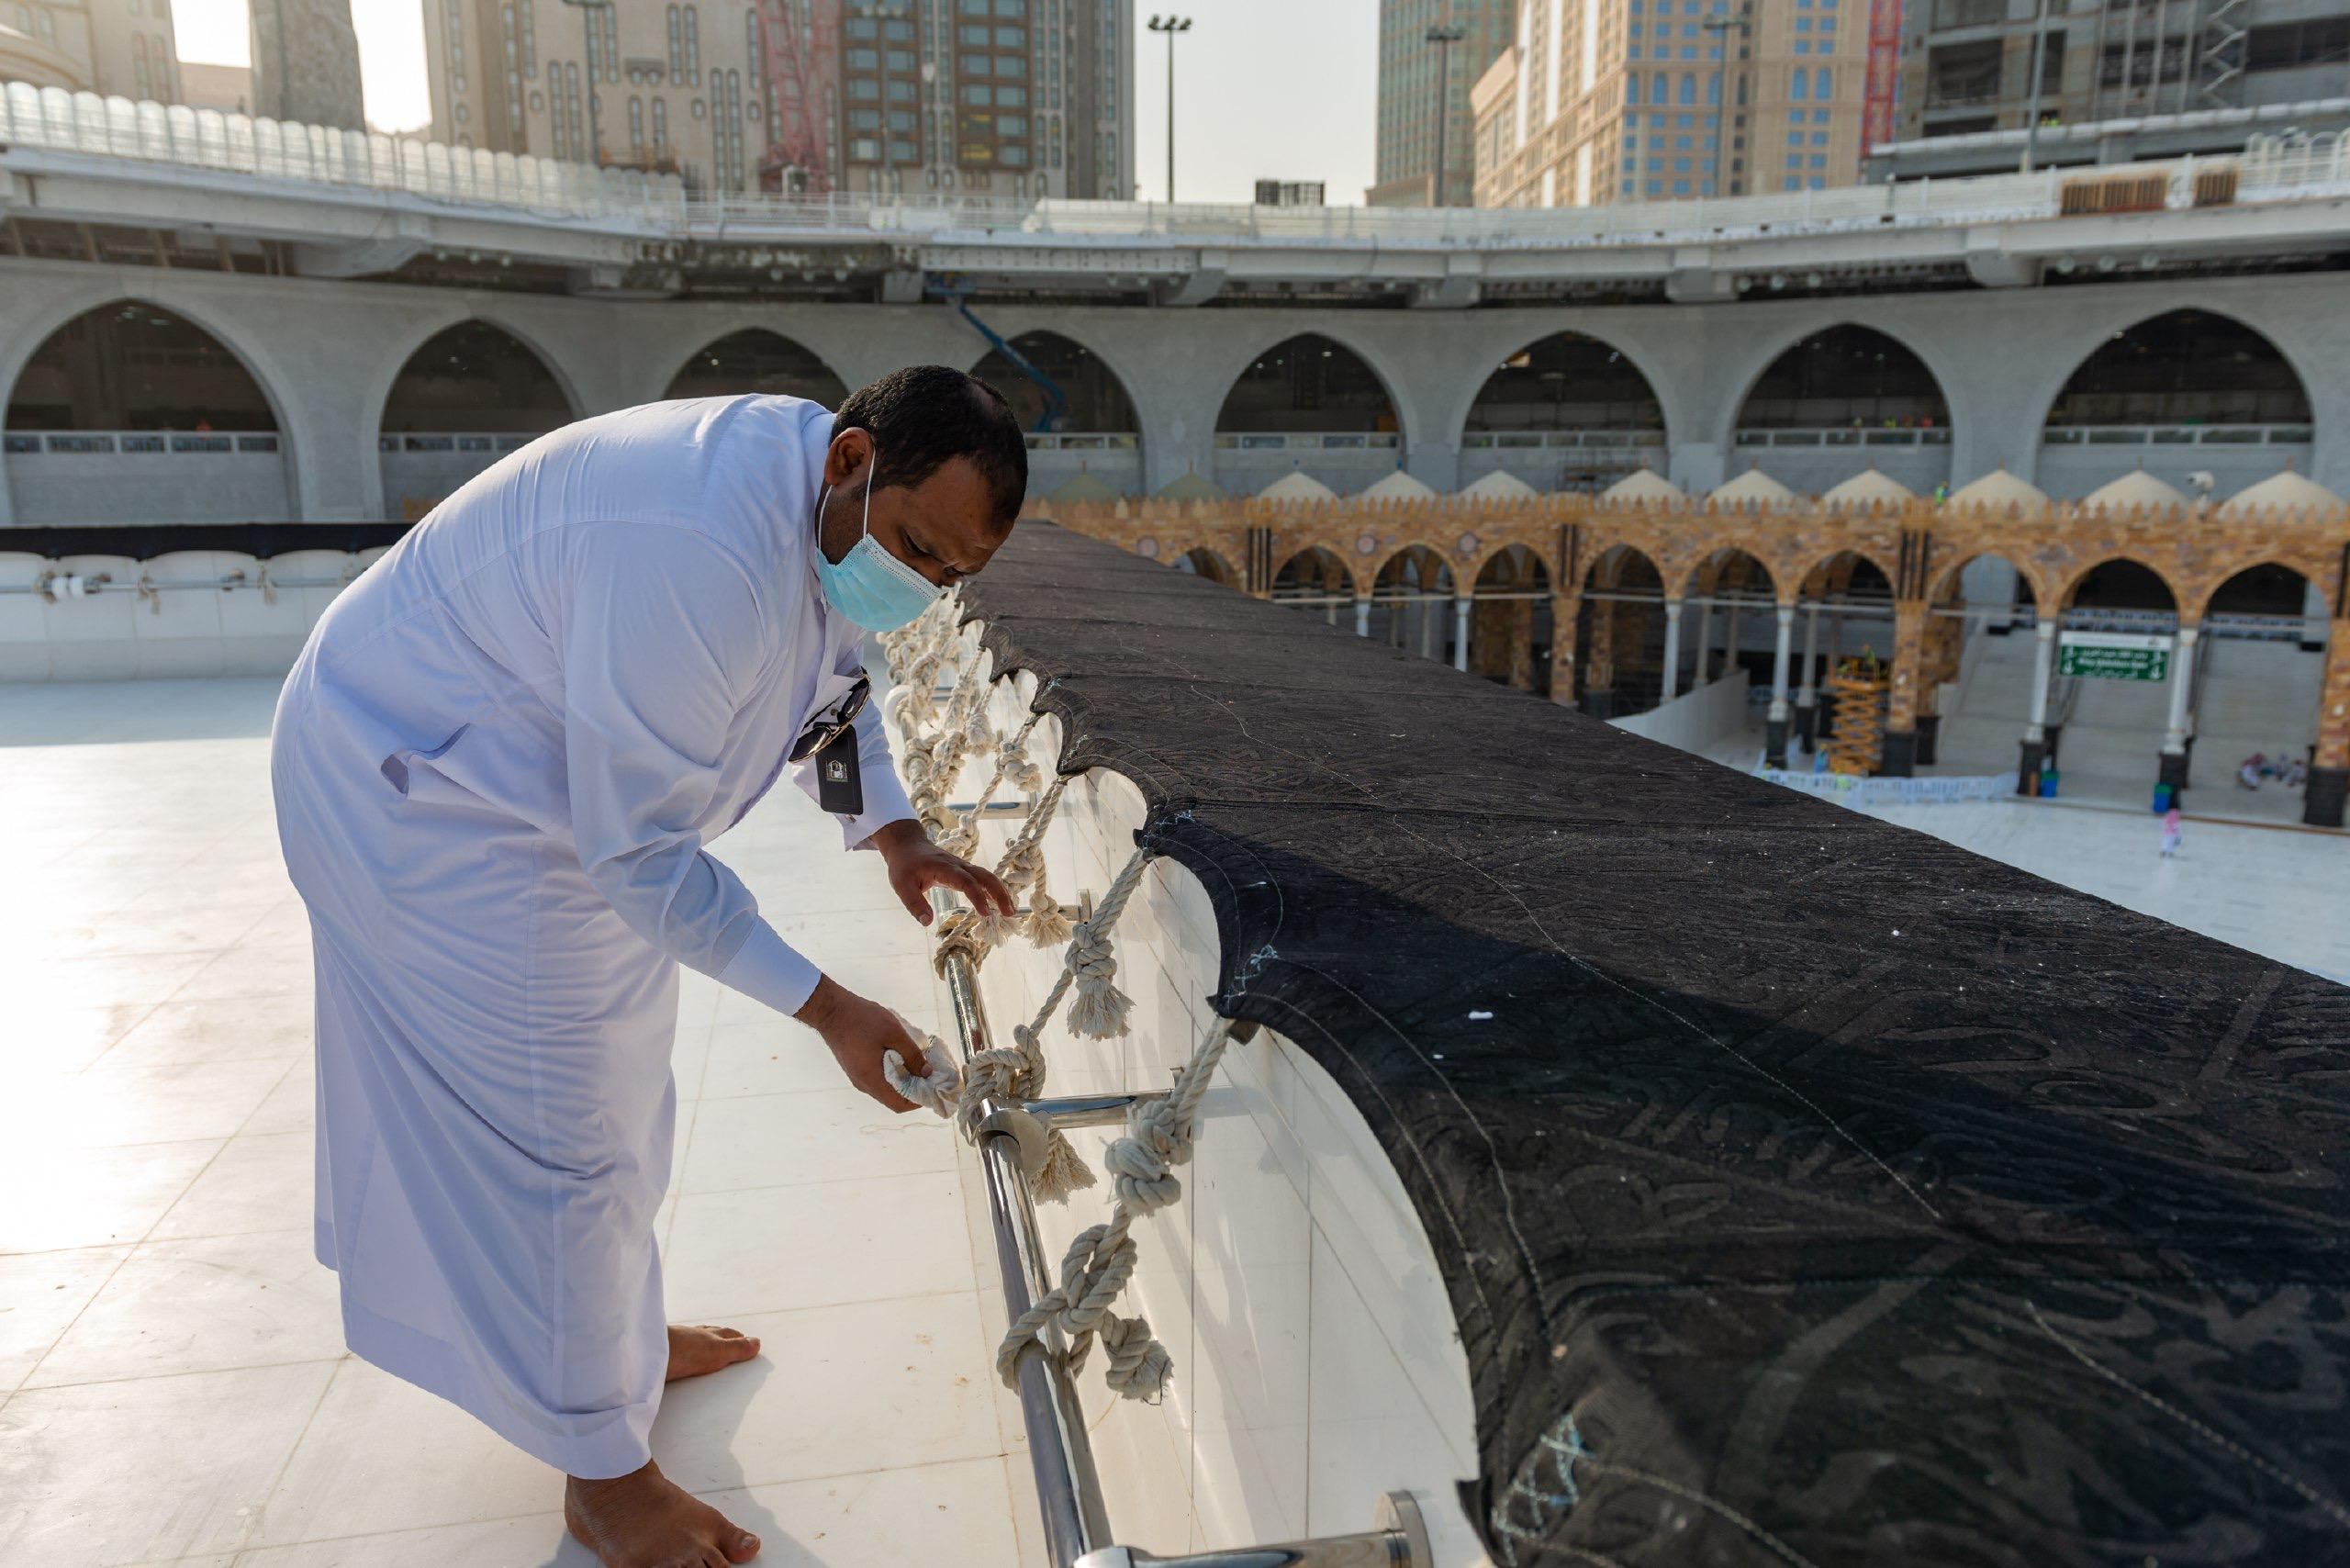 فريق سعودي مختص بتنظيف سطح الكعبة المشرفة خلال 40 دقيقة (5)